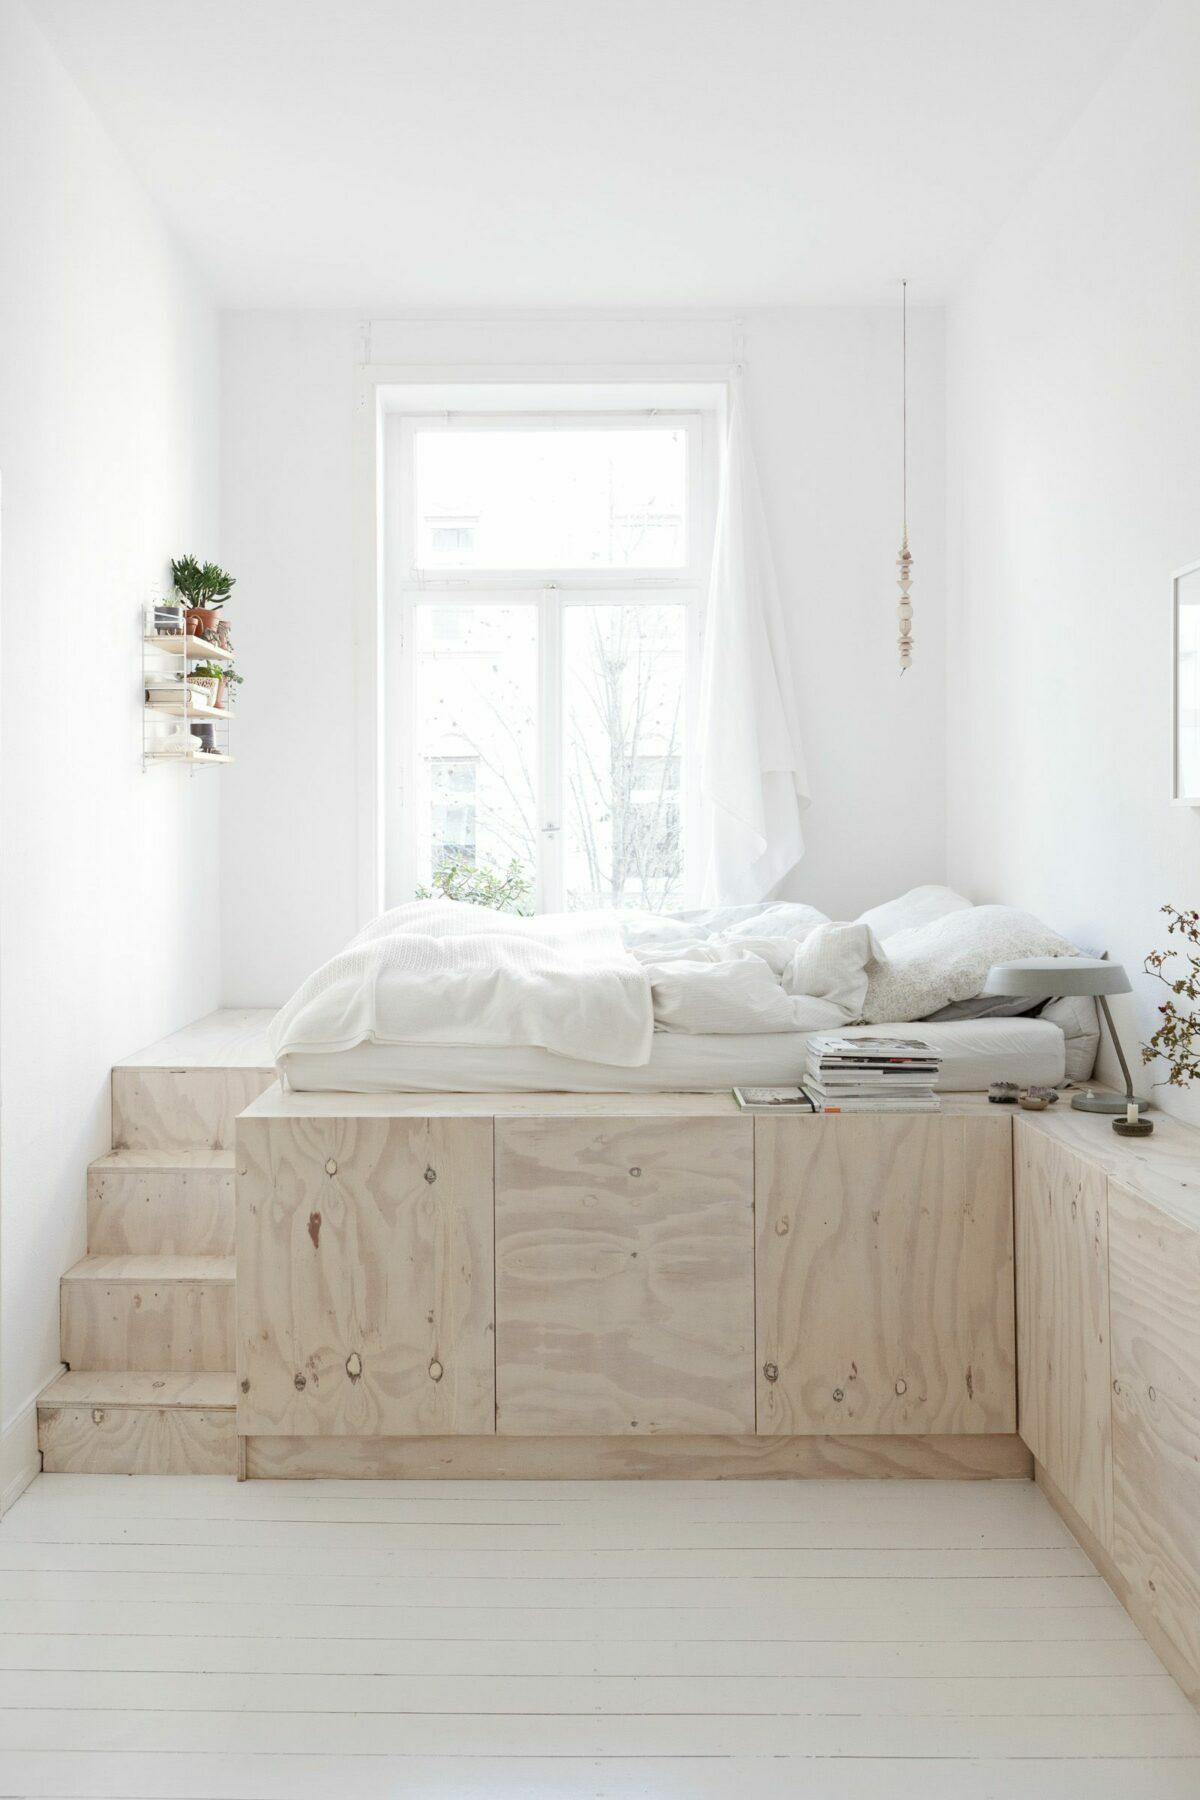 lit bois escalier parquet lamé blanc chambre lumineuse